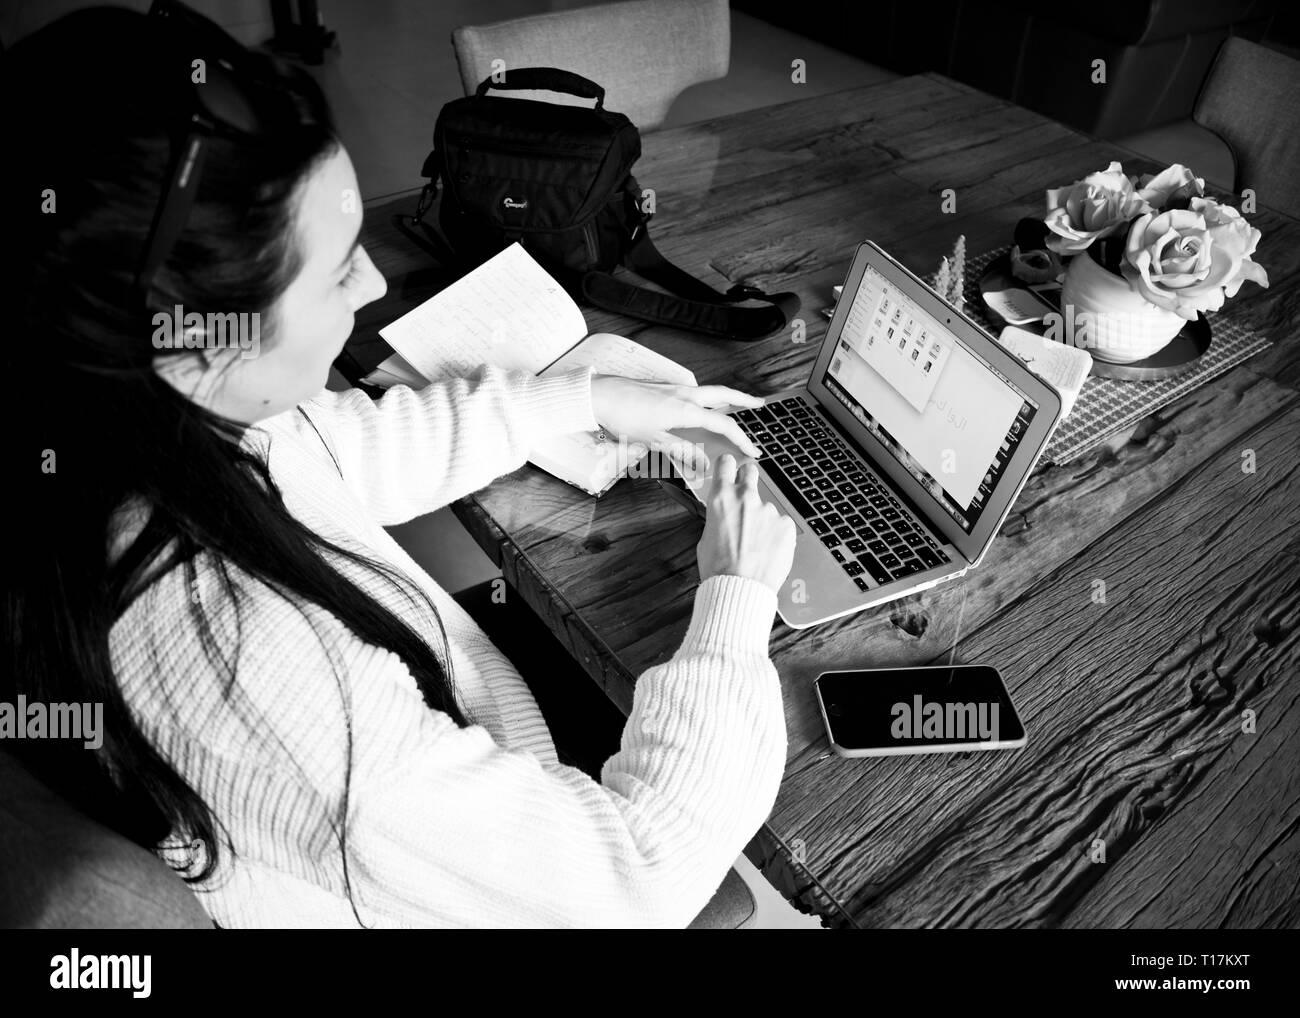 jeune femme entrepreneur travaillant assis à un bureau tapant sur son ordinateur portable dans un bureau à domicile, vue d'en haut prise en noir et blanc. Banque D'Images